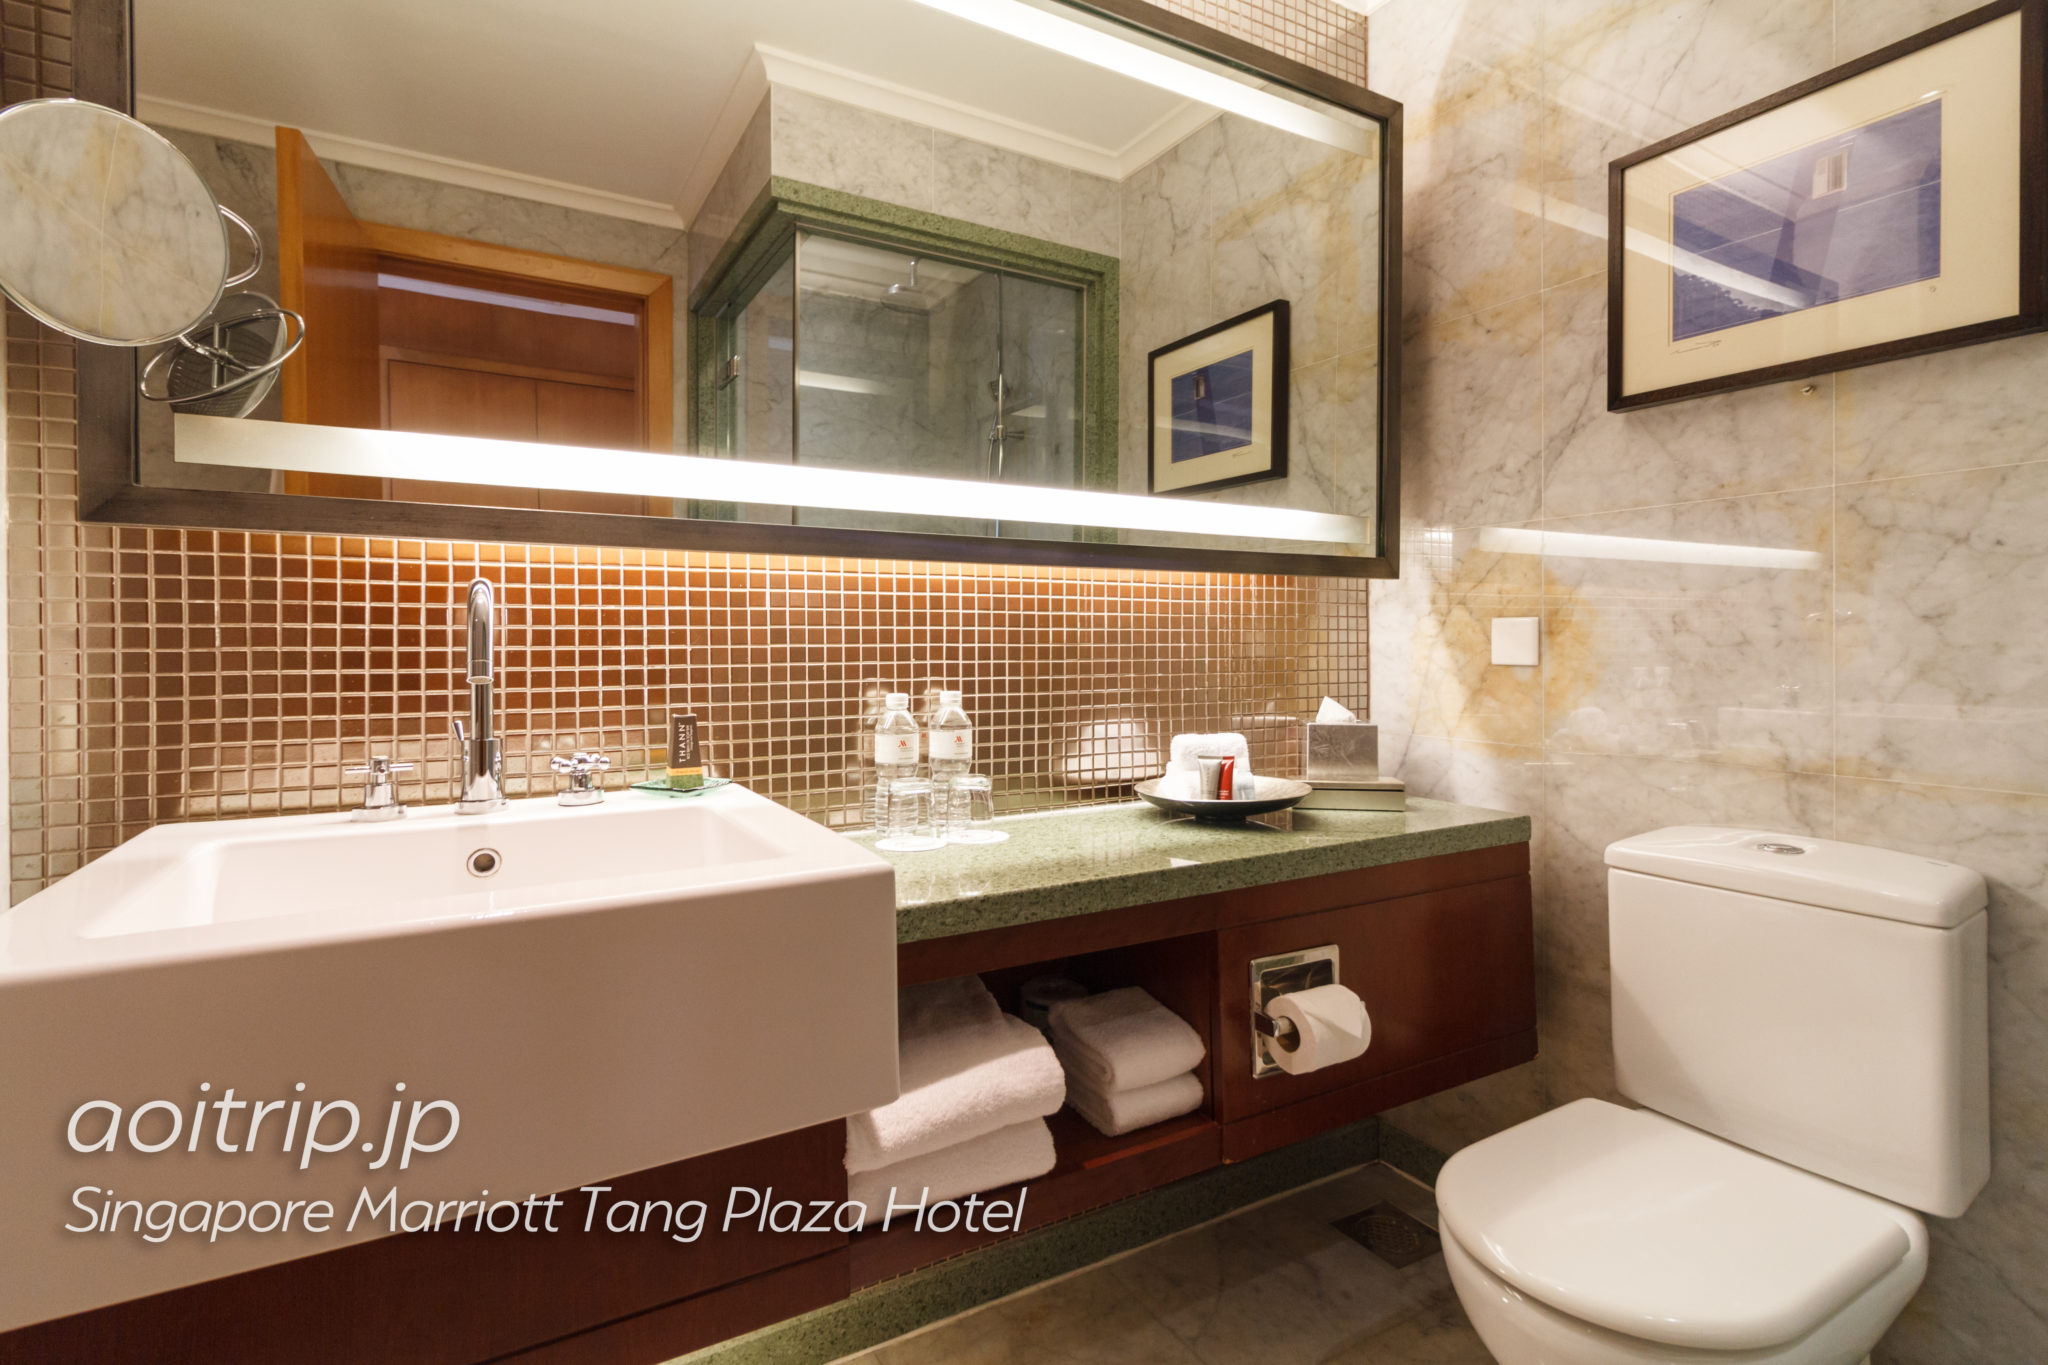 シンガポール マリオット タング プラザ ホテルのバスルーム